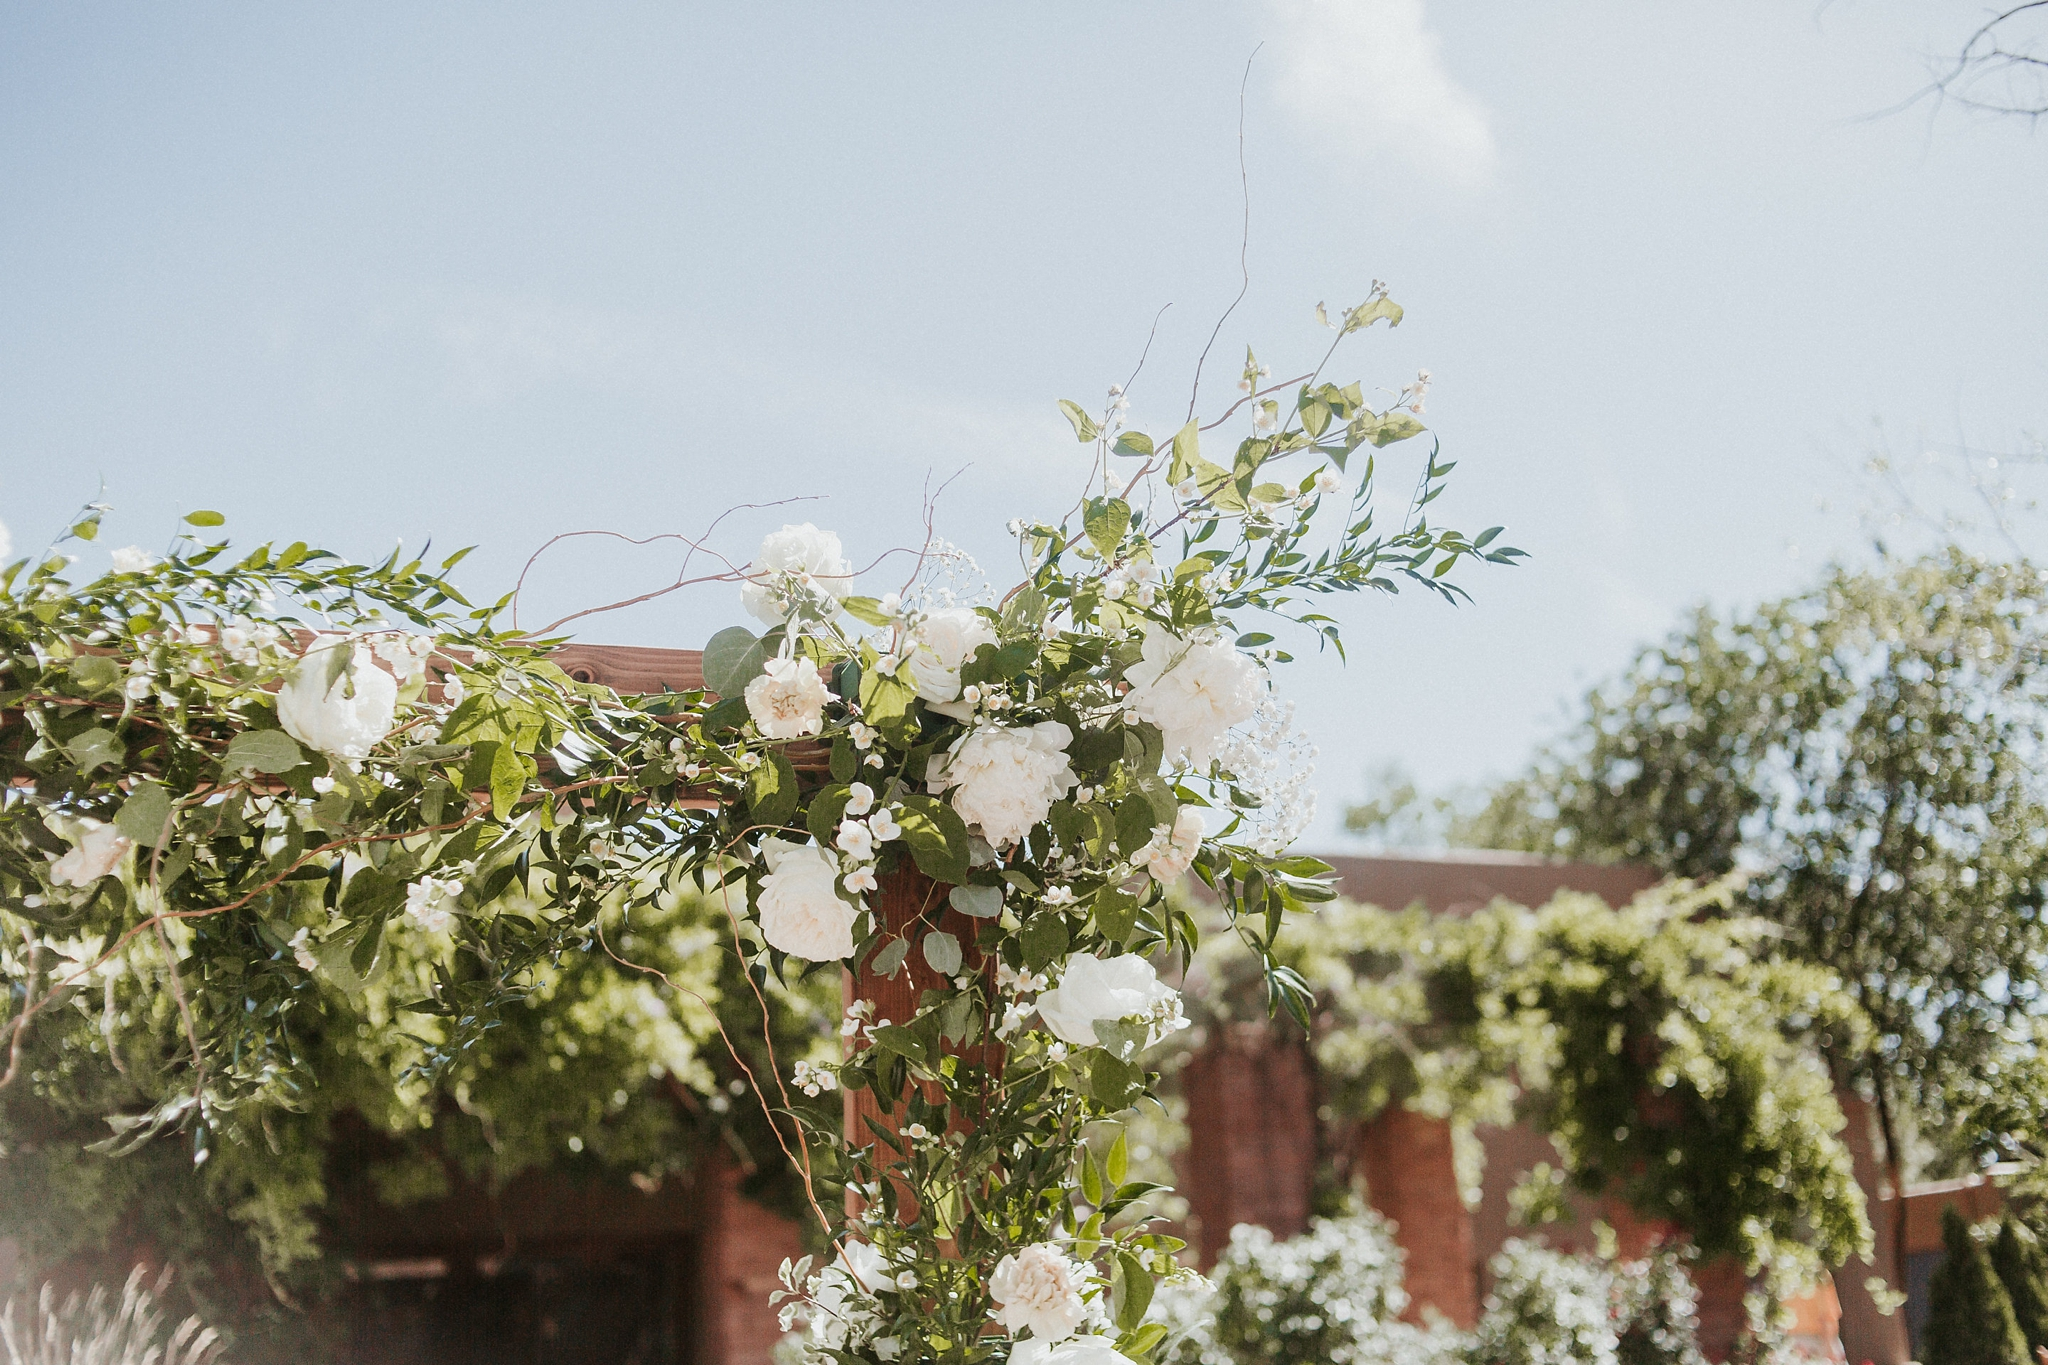 Alicia+lucia+photography+-+albuquerque+wedding+photographer+-+santa+fe+wedding+photography+-+new+mexico+wedding+photographer+-+new+mexico+florist+-+wedding+florist+-+renegade+floral_0010.jpg